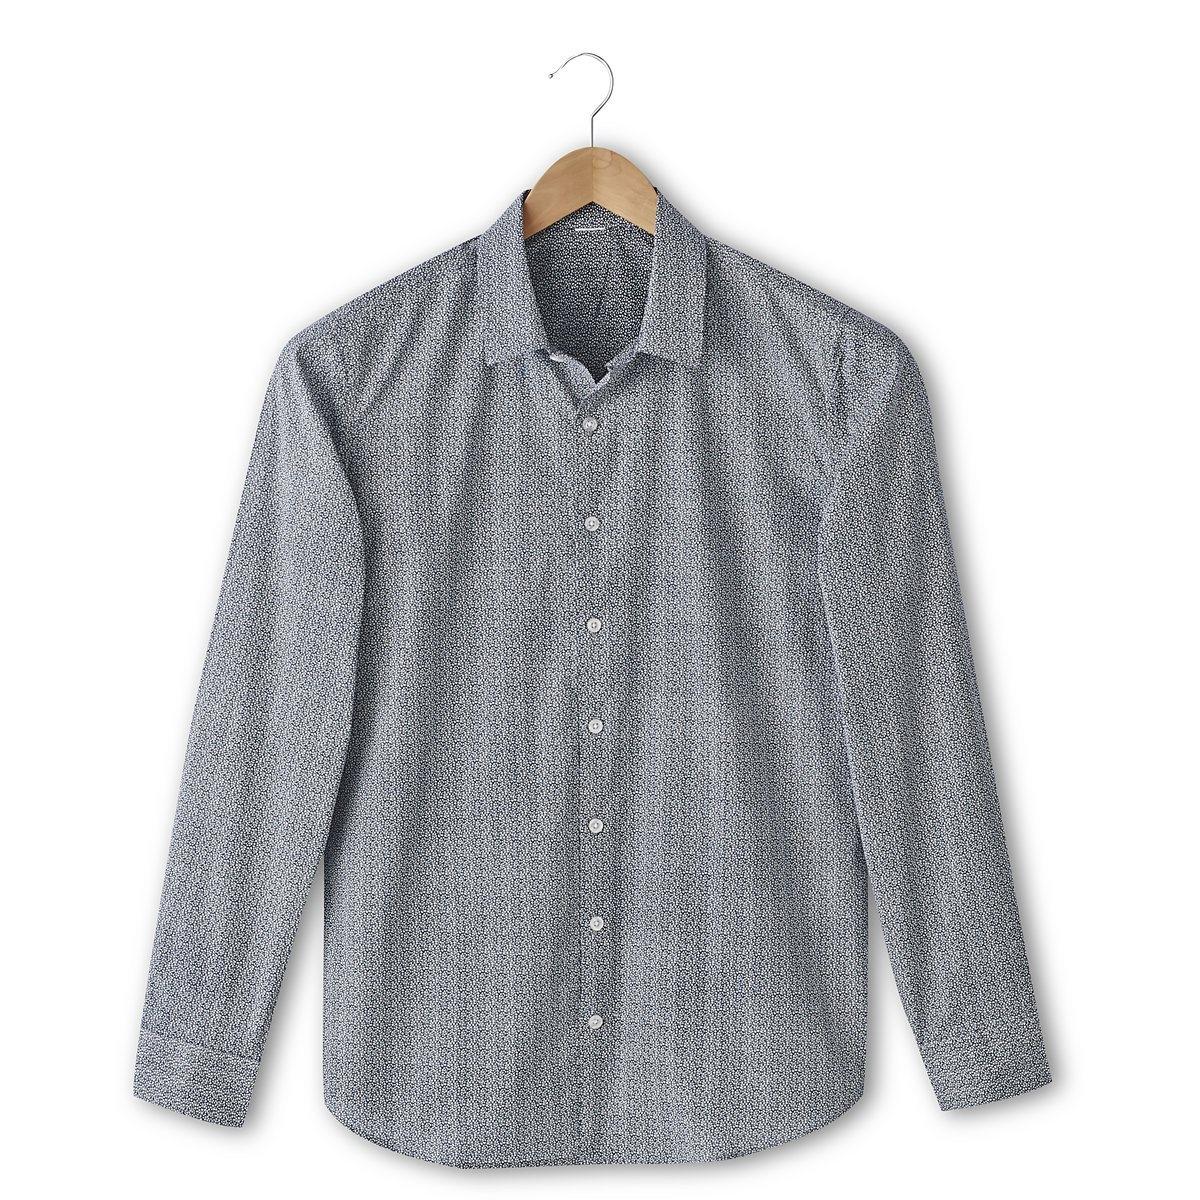 Рубашка с рисунком облегающего покрояРубашка с рисунком облегающего покроя: 69% хлопок, 28% полиамид, 3% эластан. Свободные уголки воротника. Длина 77 см.<br><br>Цвет: темно-синий<br>Размер: 37/38